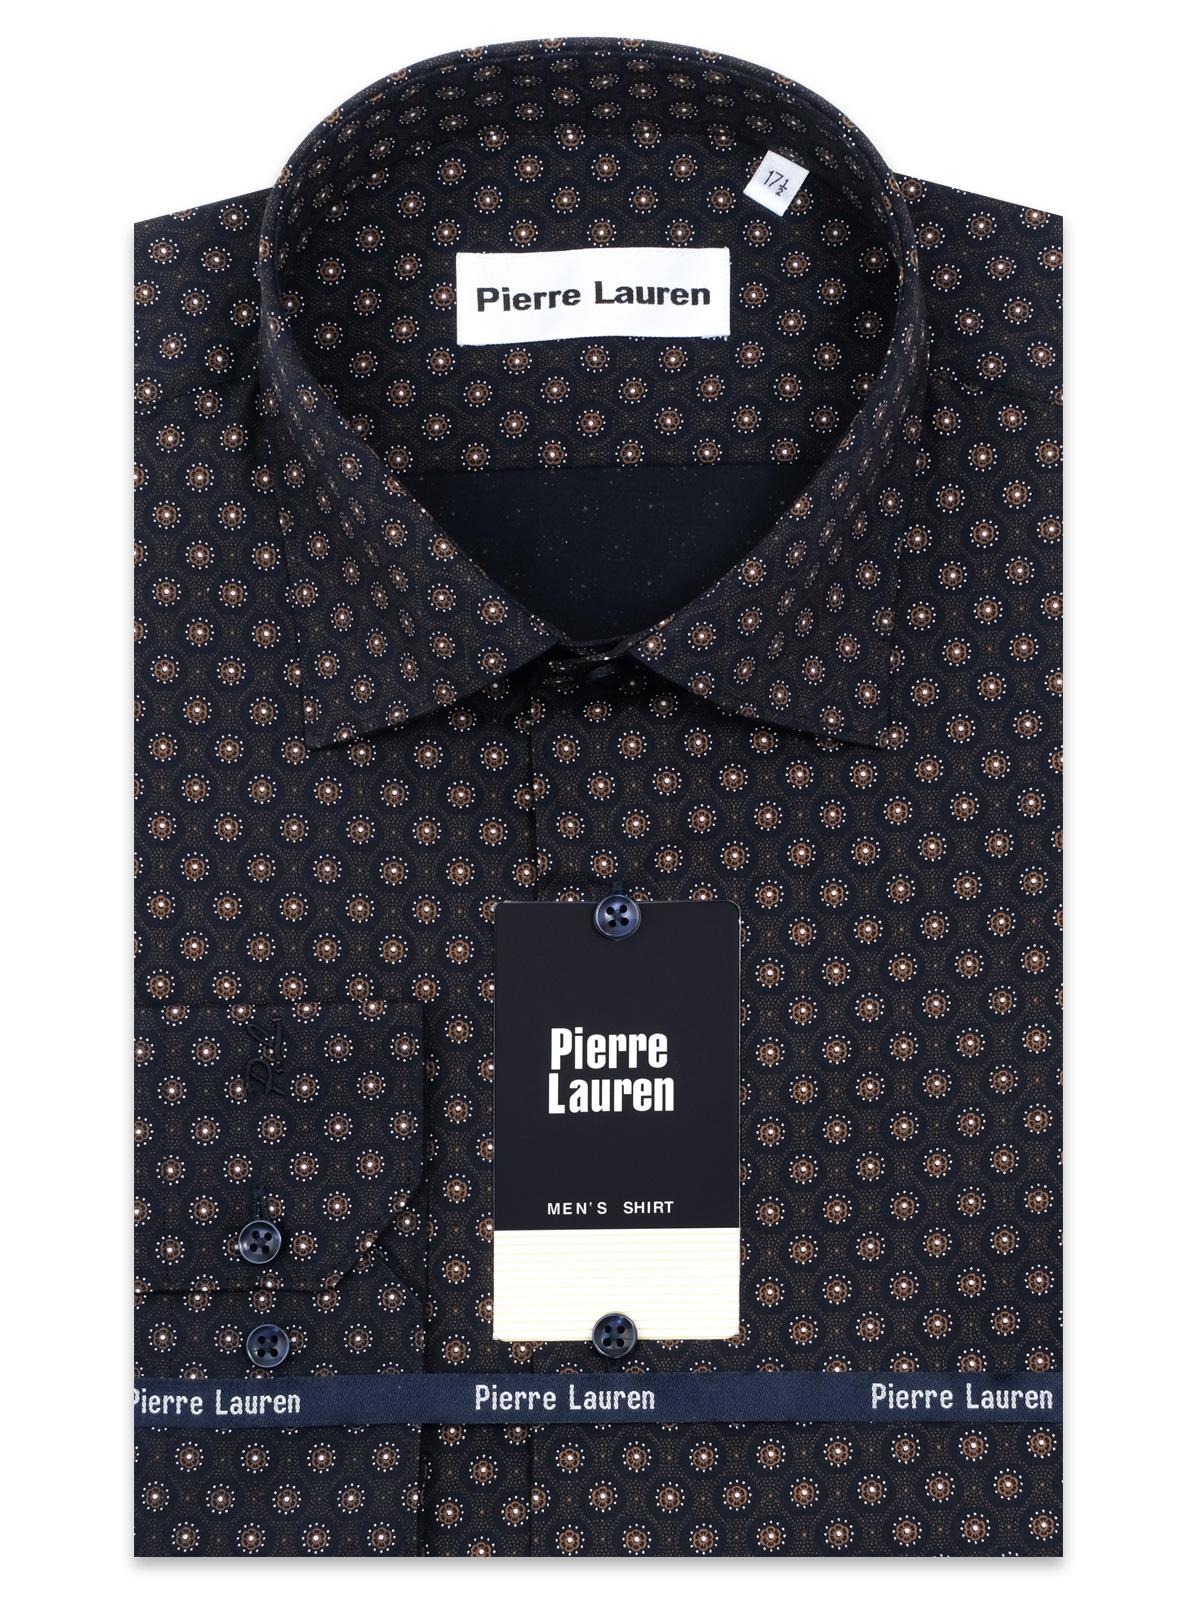 Сорочка PIERRE LAUREN  (CLASSIC) арт.-1610Трц